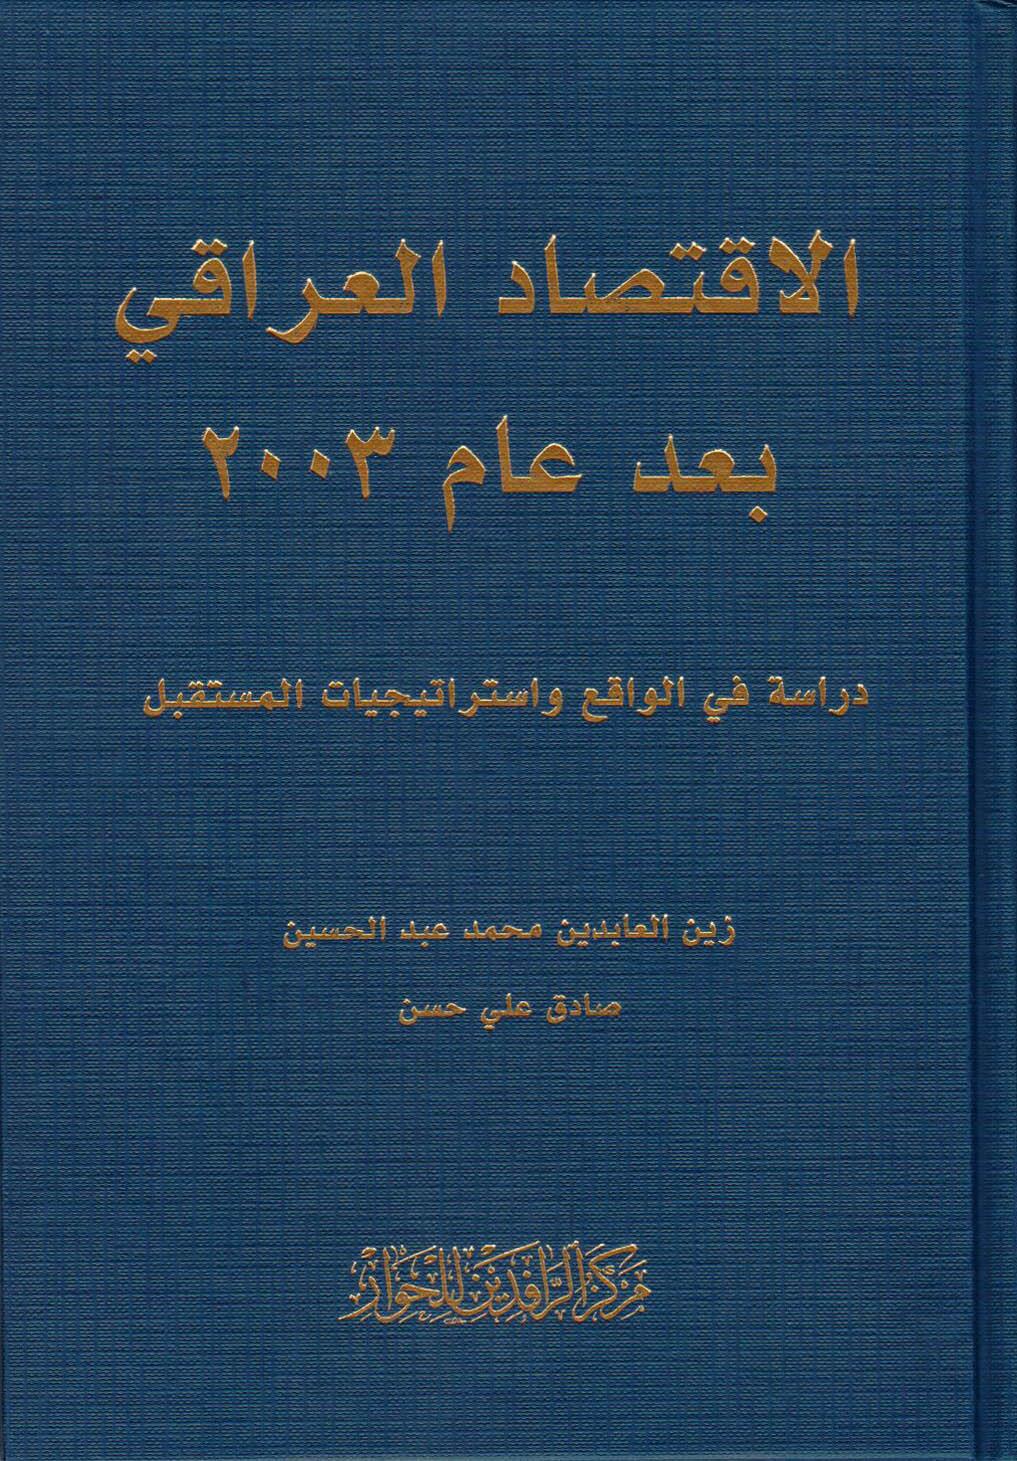 """صدور كتاب """"الاقتصاد العراقي بعد عام 2003"""" لصادق علي حسن"""